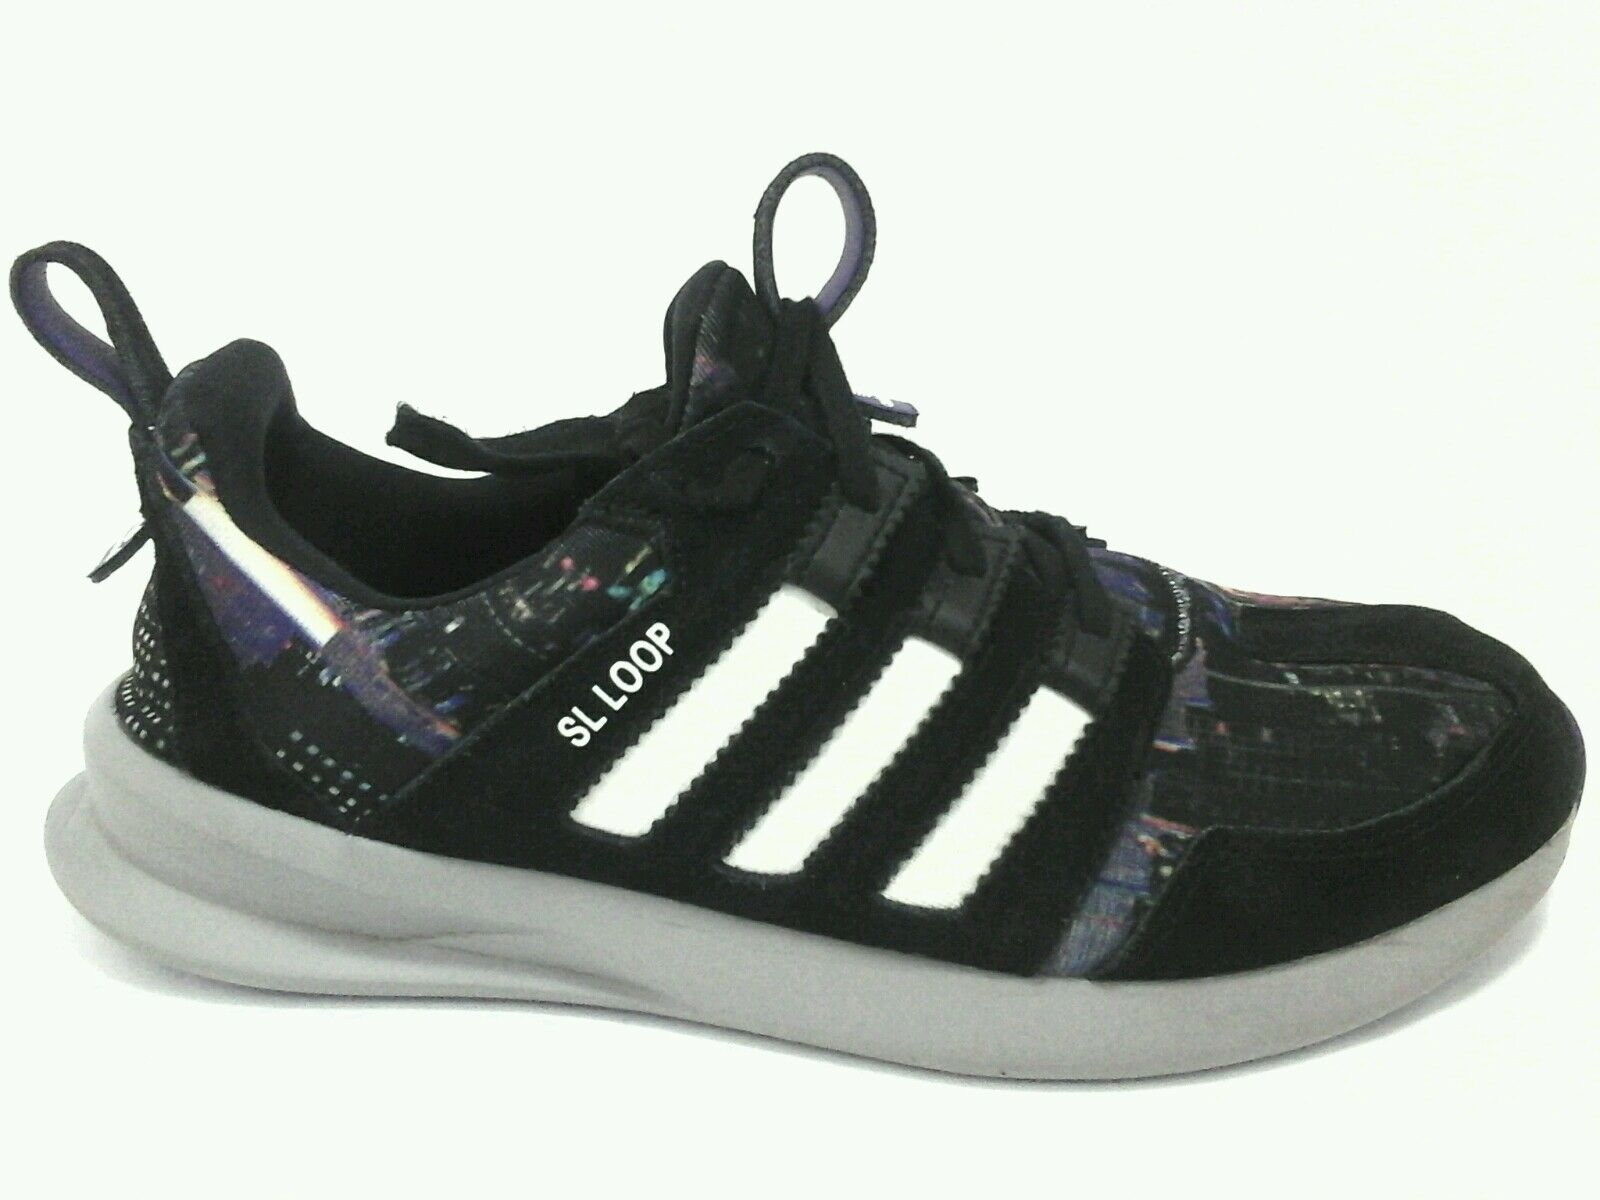 Adidas schuhe sl - läuferin schwarz - turnschuhe c77026 us 90 frauen.